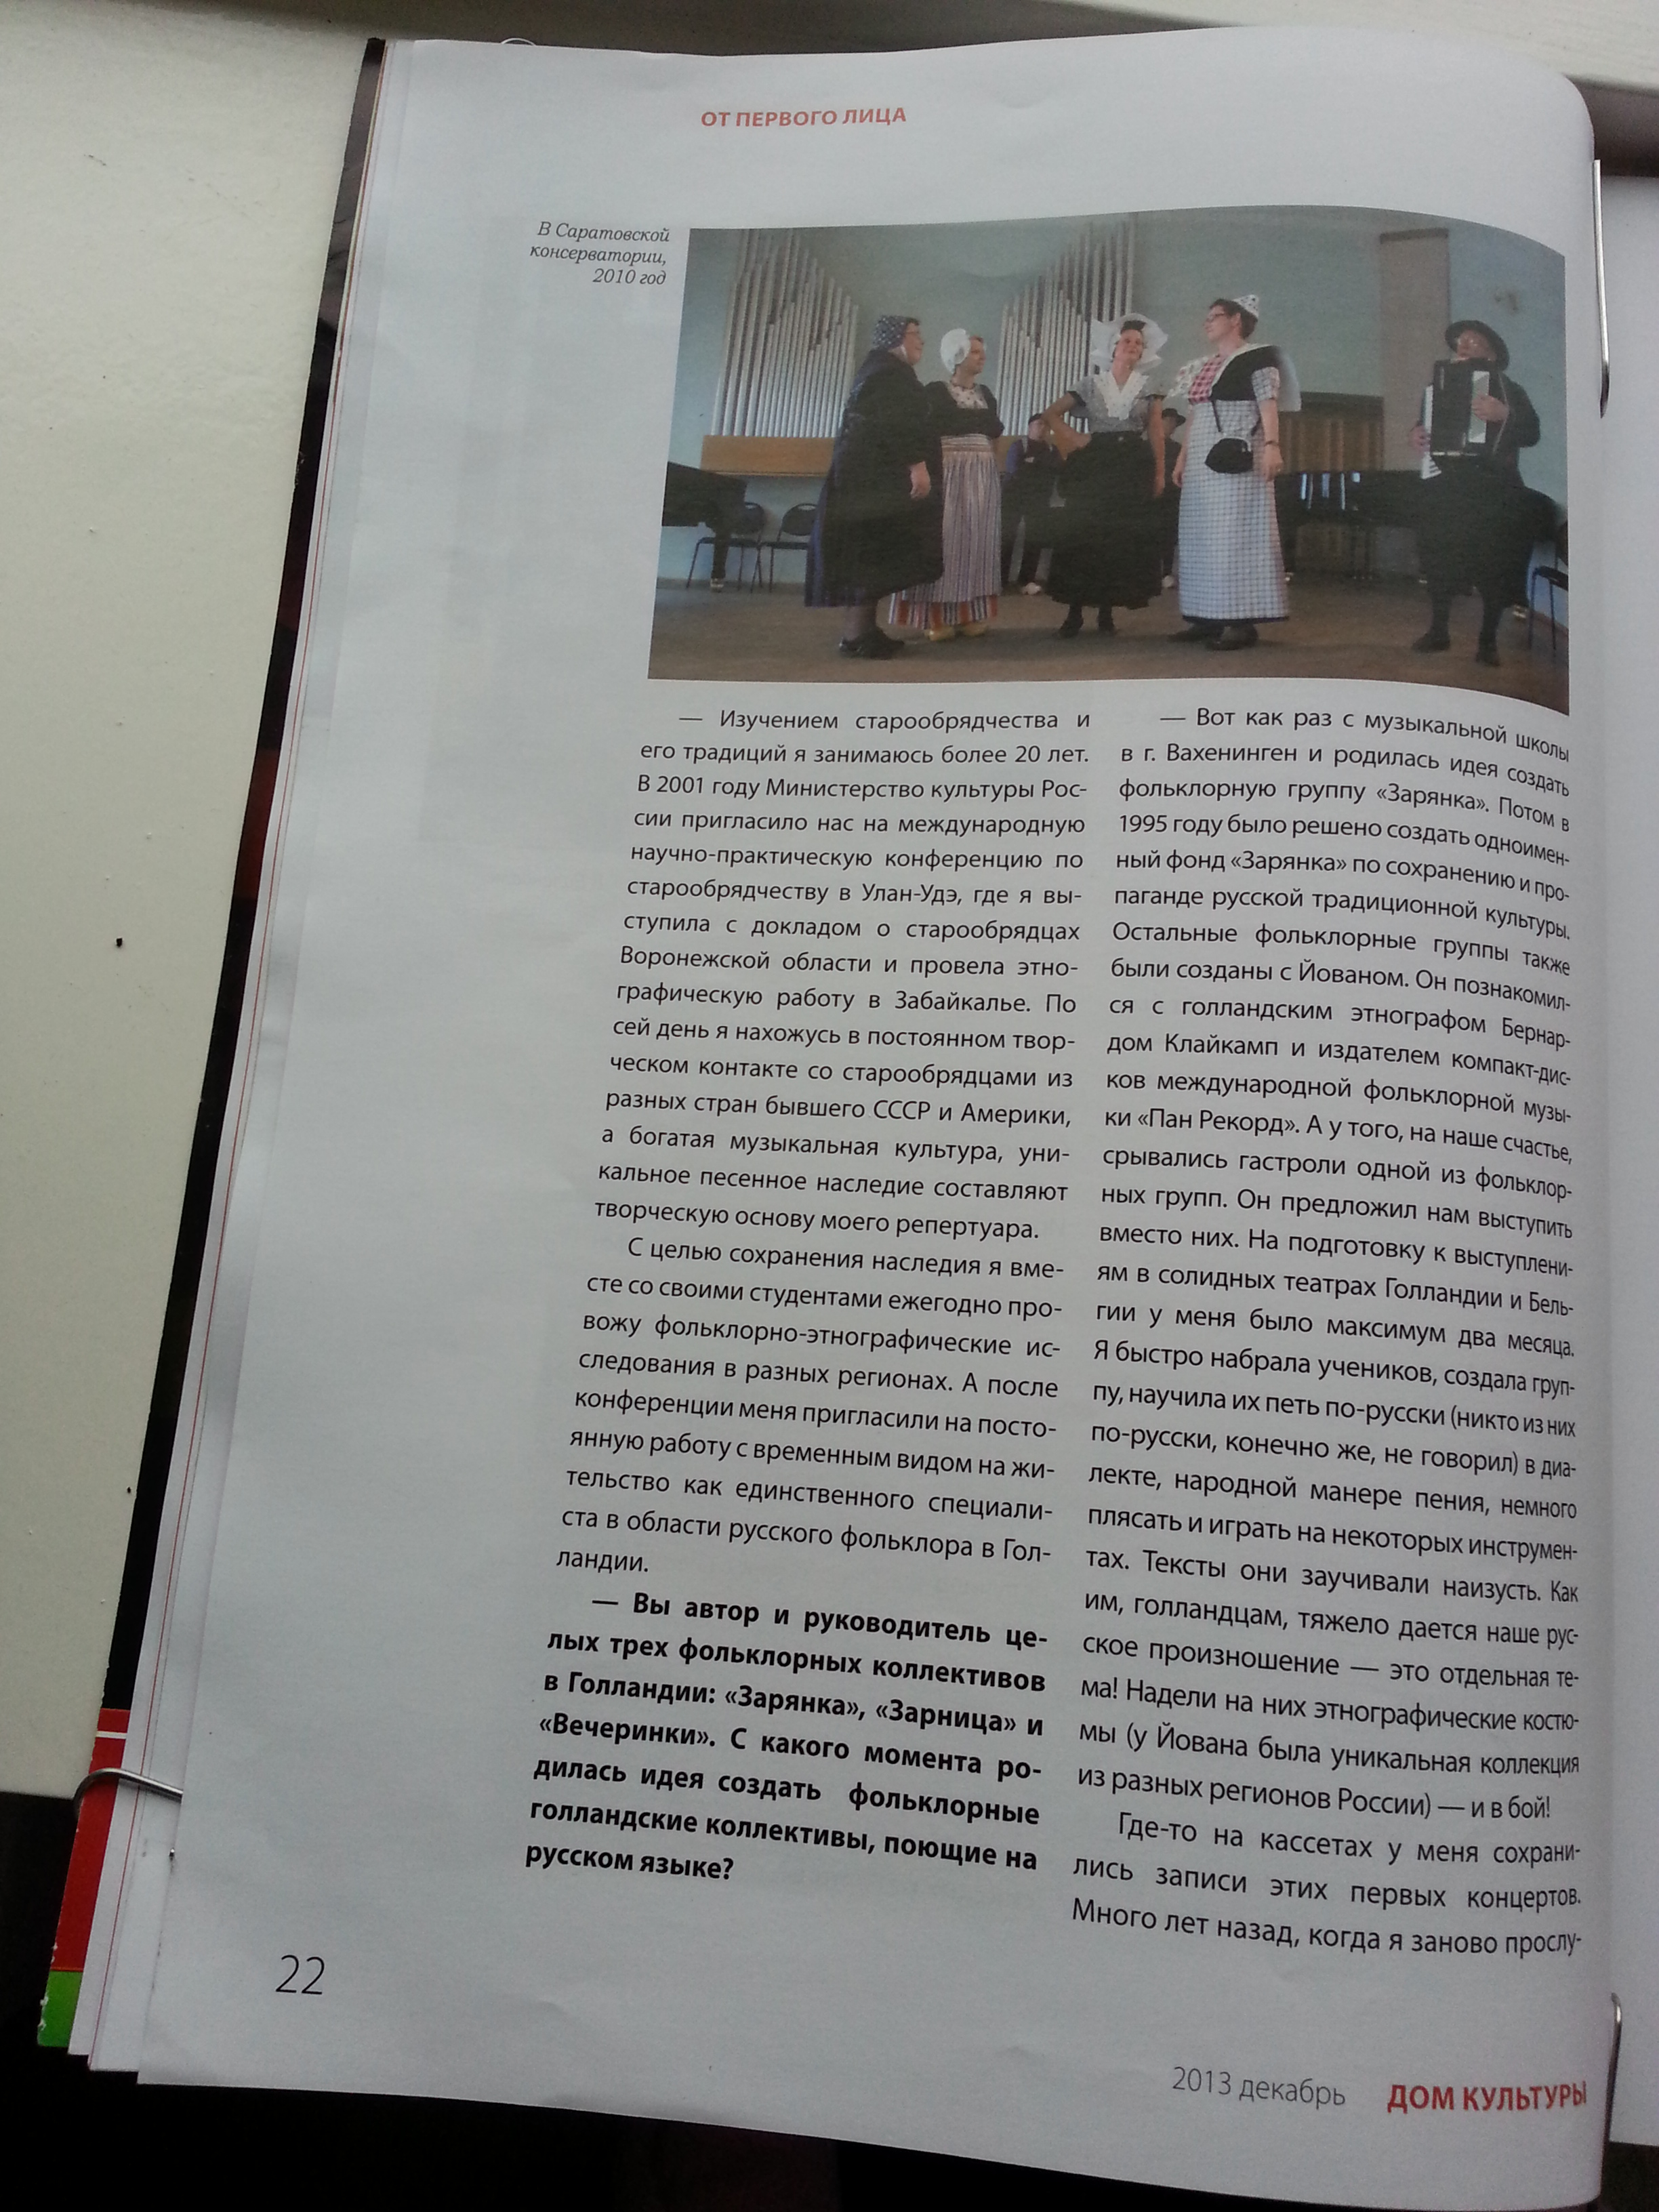 """tijdschrift """"Huis van cultuur"""" dec. 2013 Moskou. Irina Raspopova: Overal propagandeer ik echte folklore muziek van Rusland"""""""